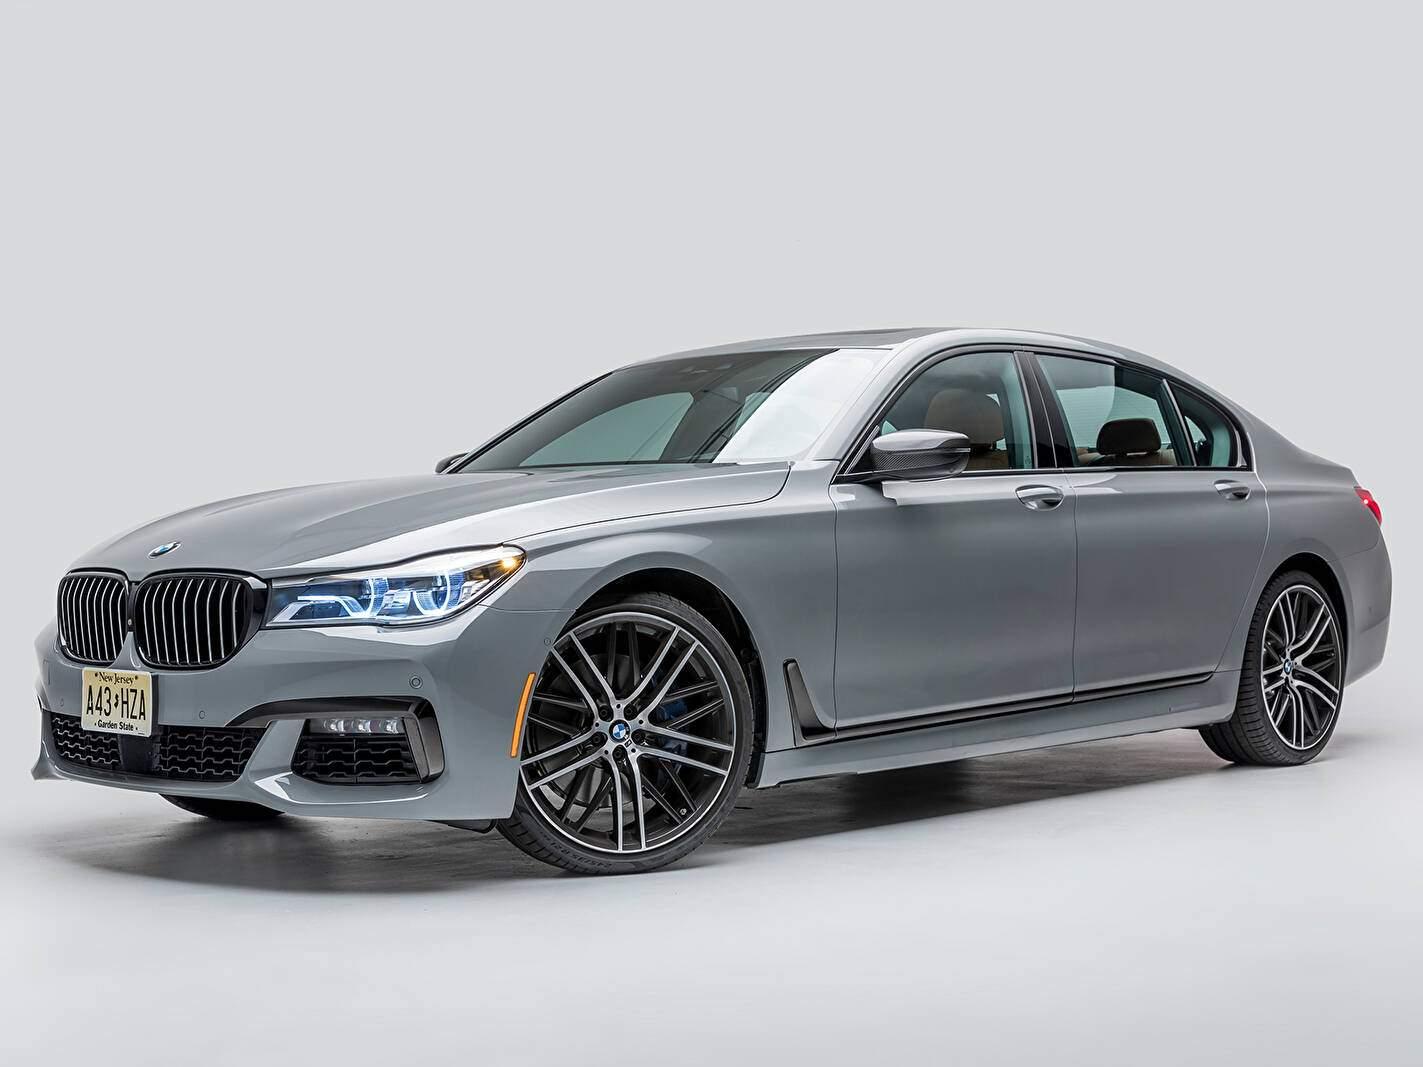 BMW 750i (G11) (2015-2018),  ajouté par fox58